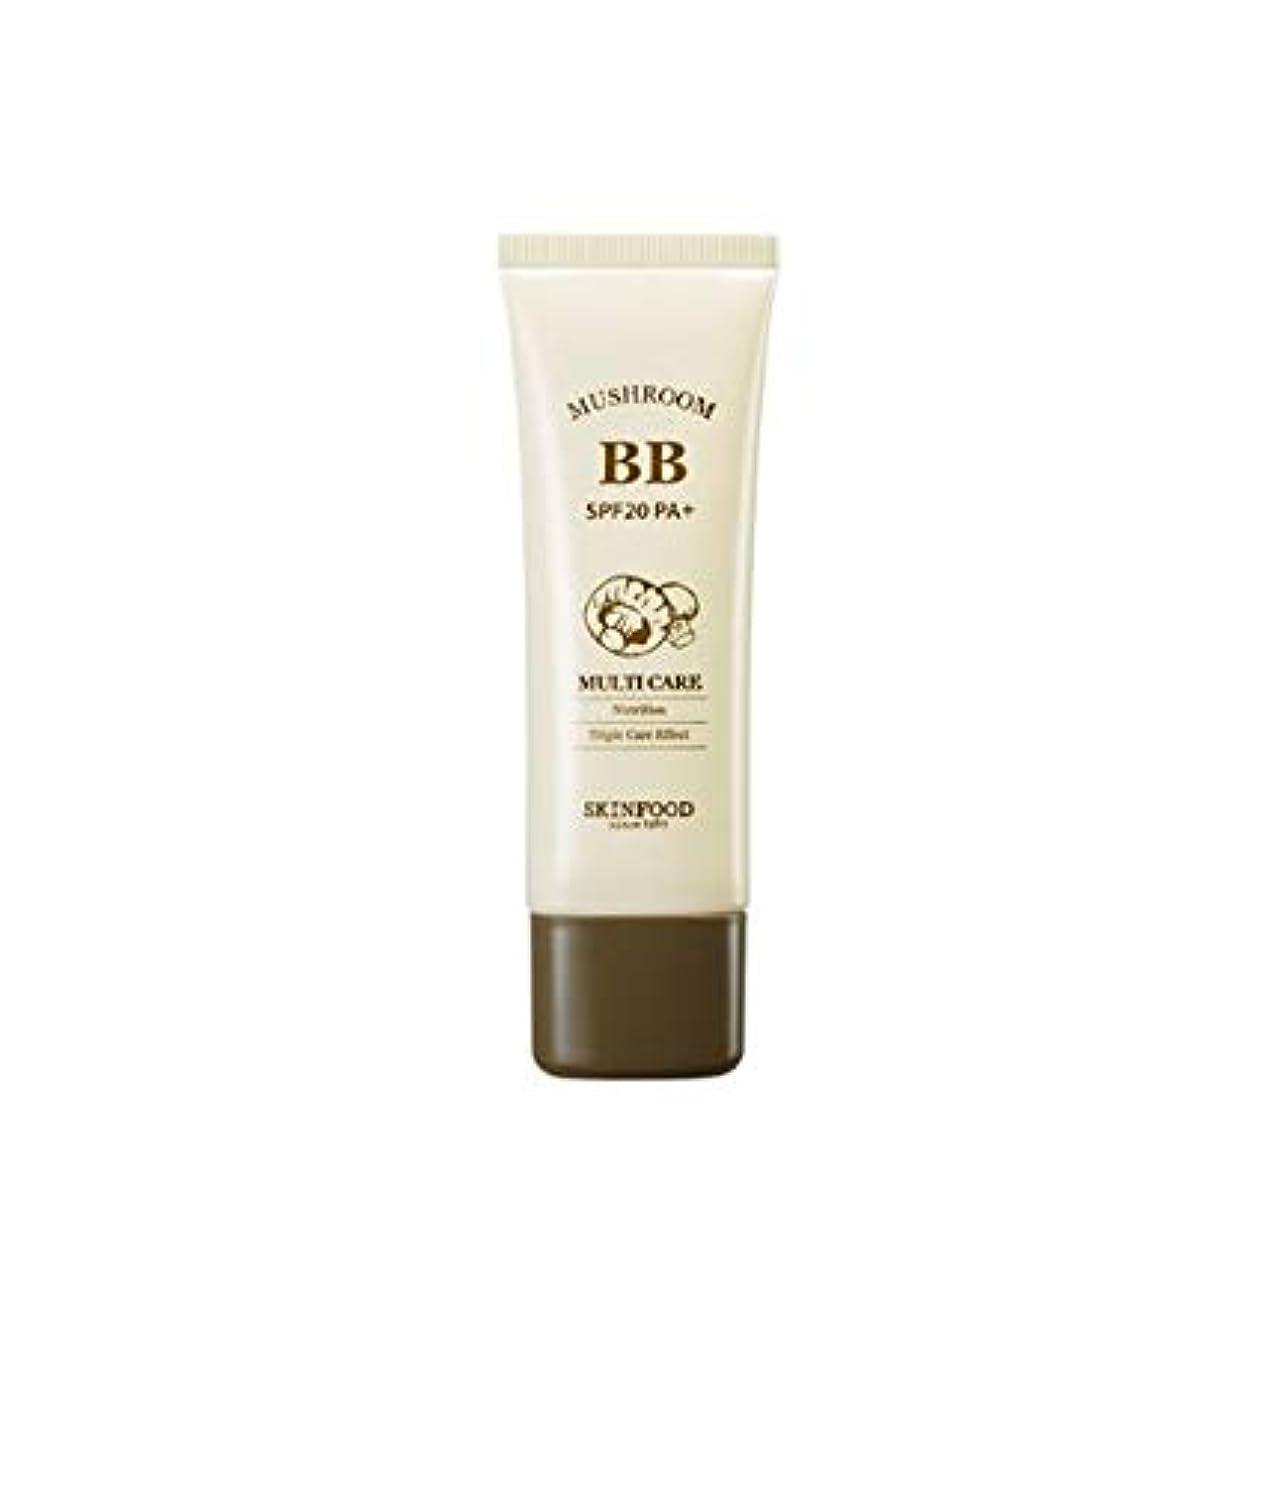 電池下に橋Skinfood マッシュルームマルチケアBBクリームSPF20 PA +#No。 2ナチュラルスキン / Mushroom Multi Care BB Cream SPF20 PA+#No. 2 Natural Skin...